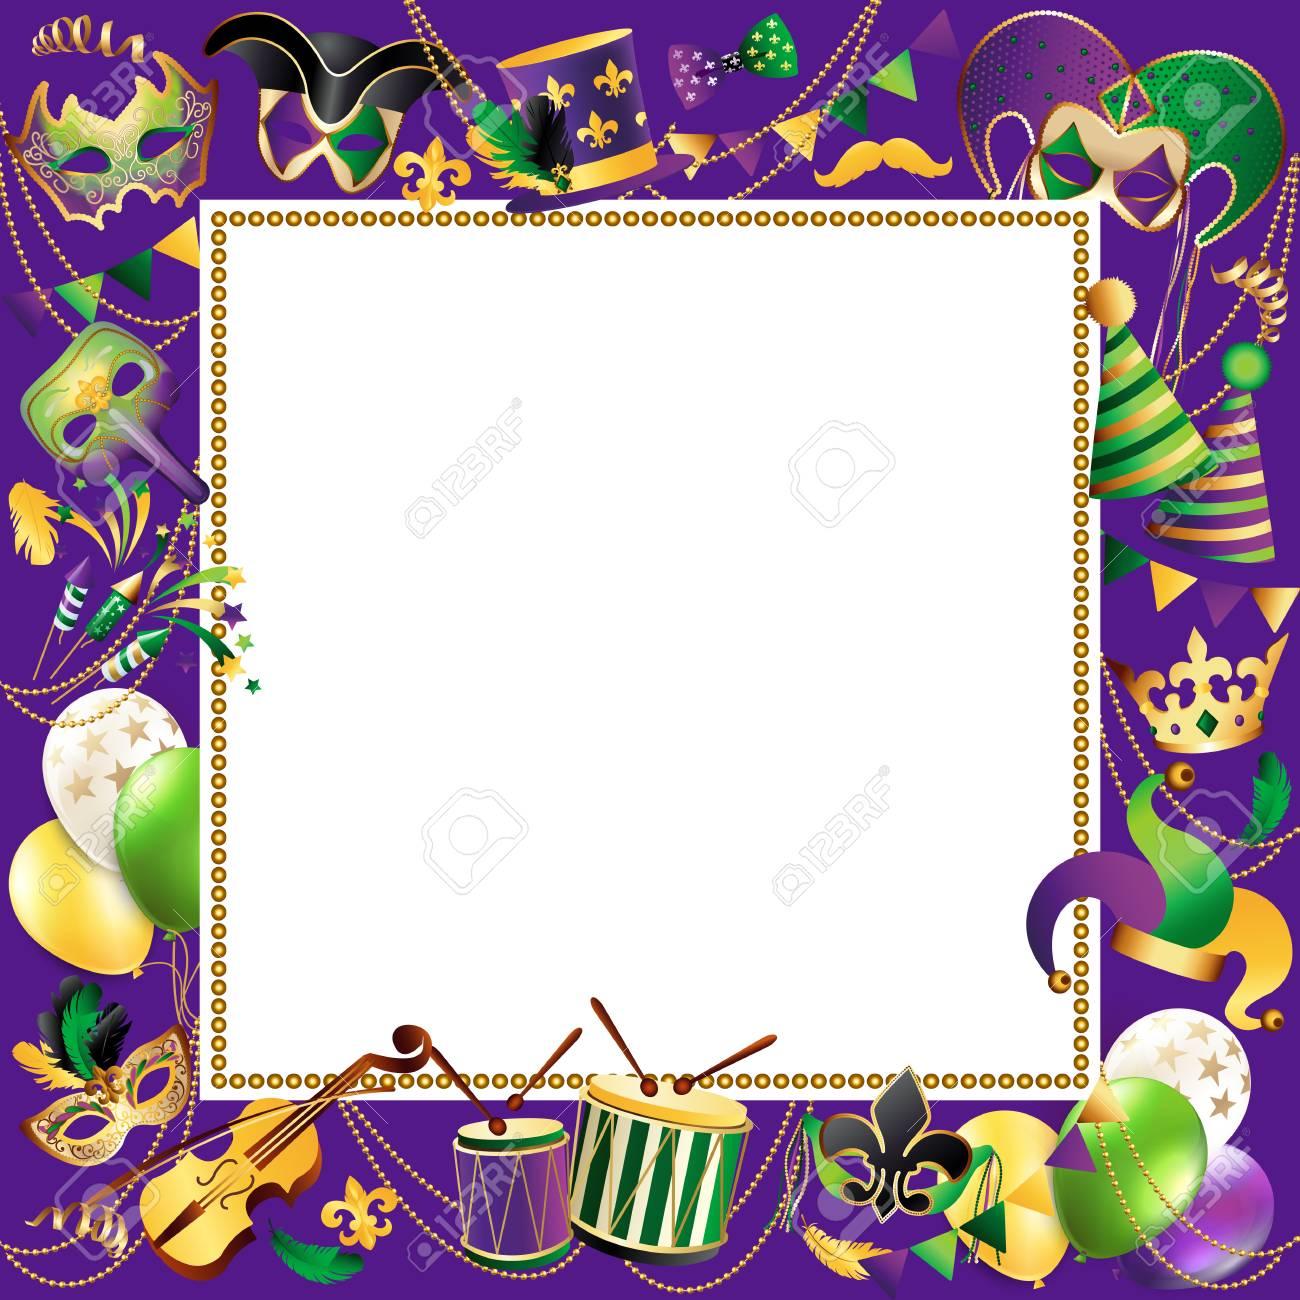 Frame template with golden carnival mask border design. - 91228624